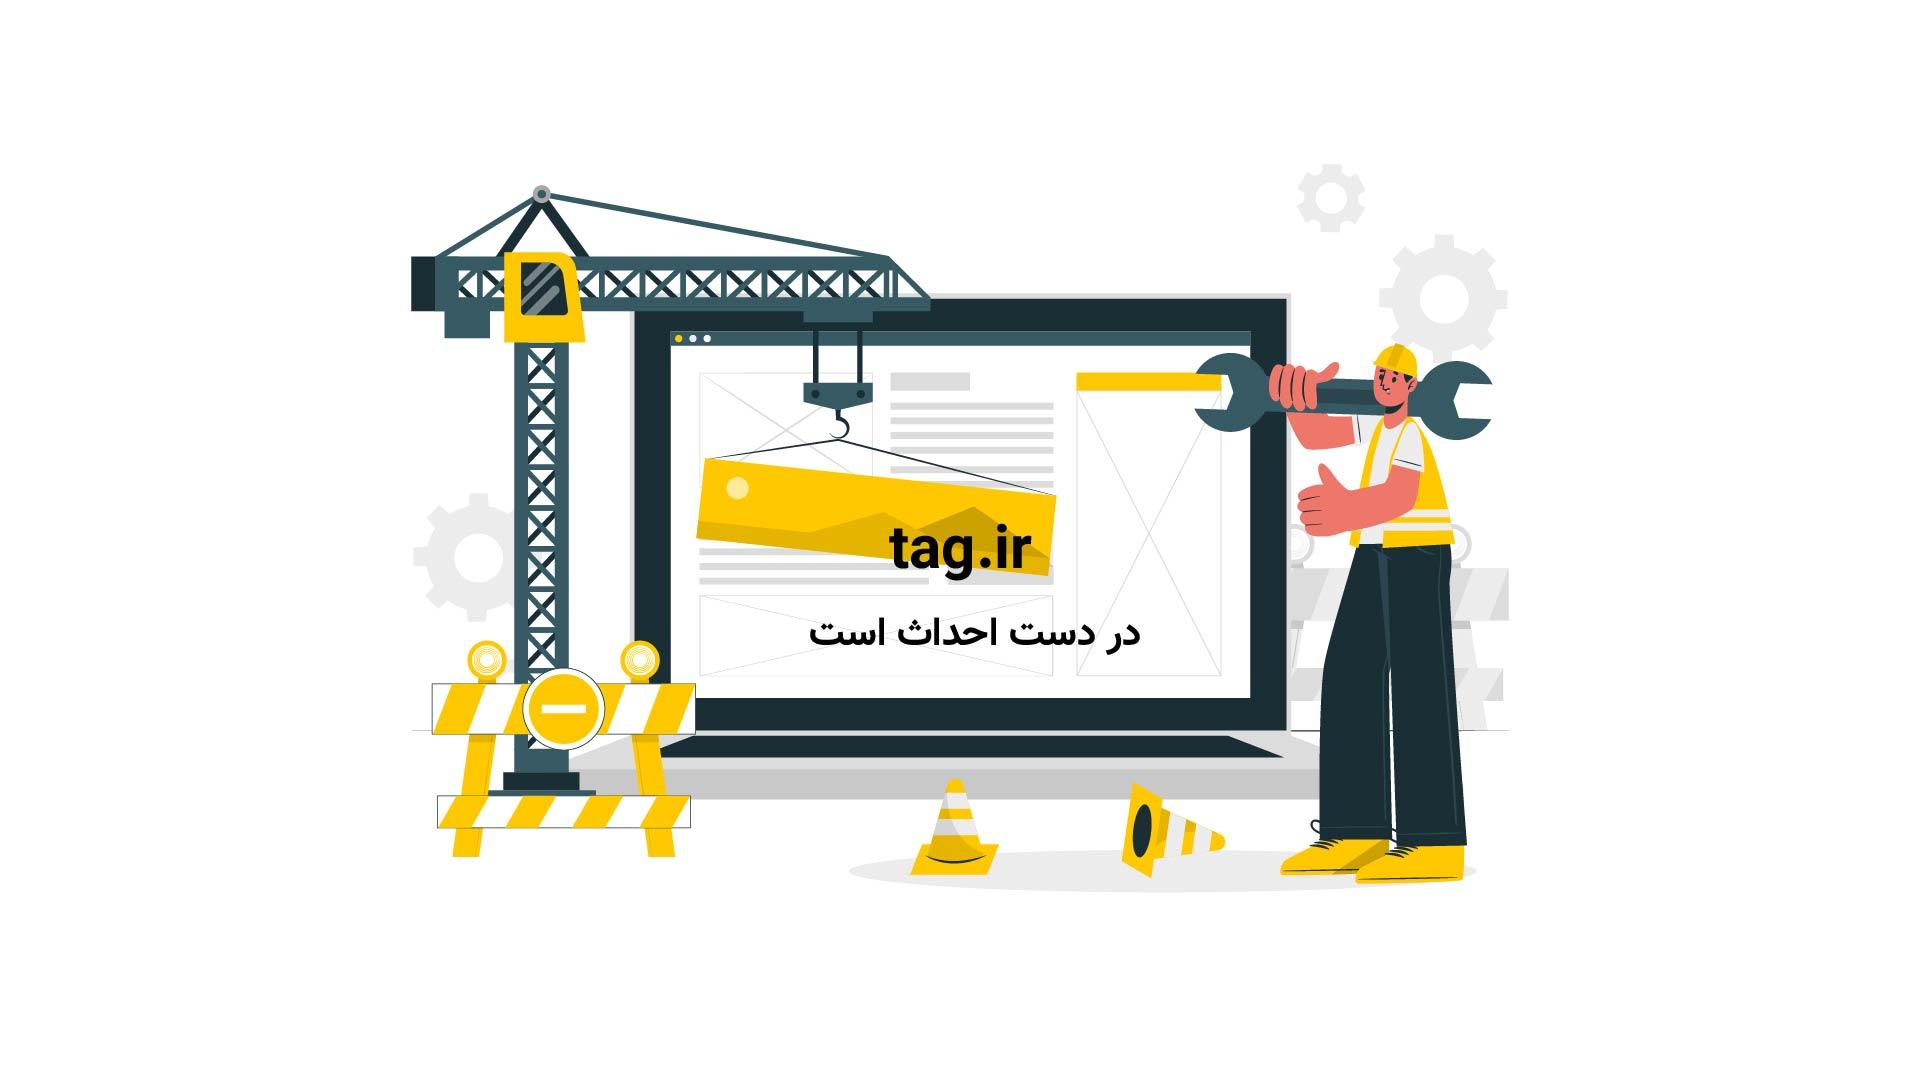 بازدید اختصاصی از باغ و گورستان ظهیرالدوله